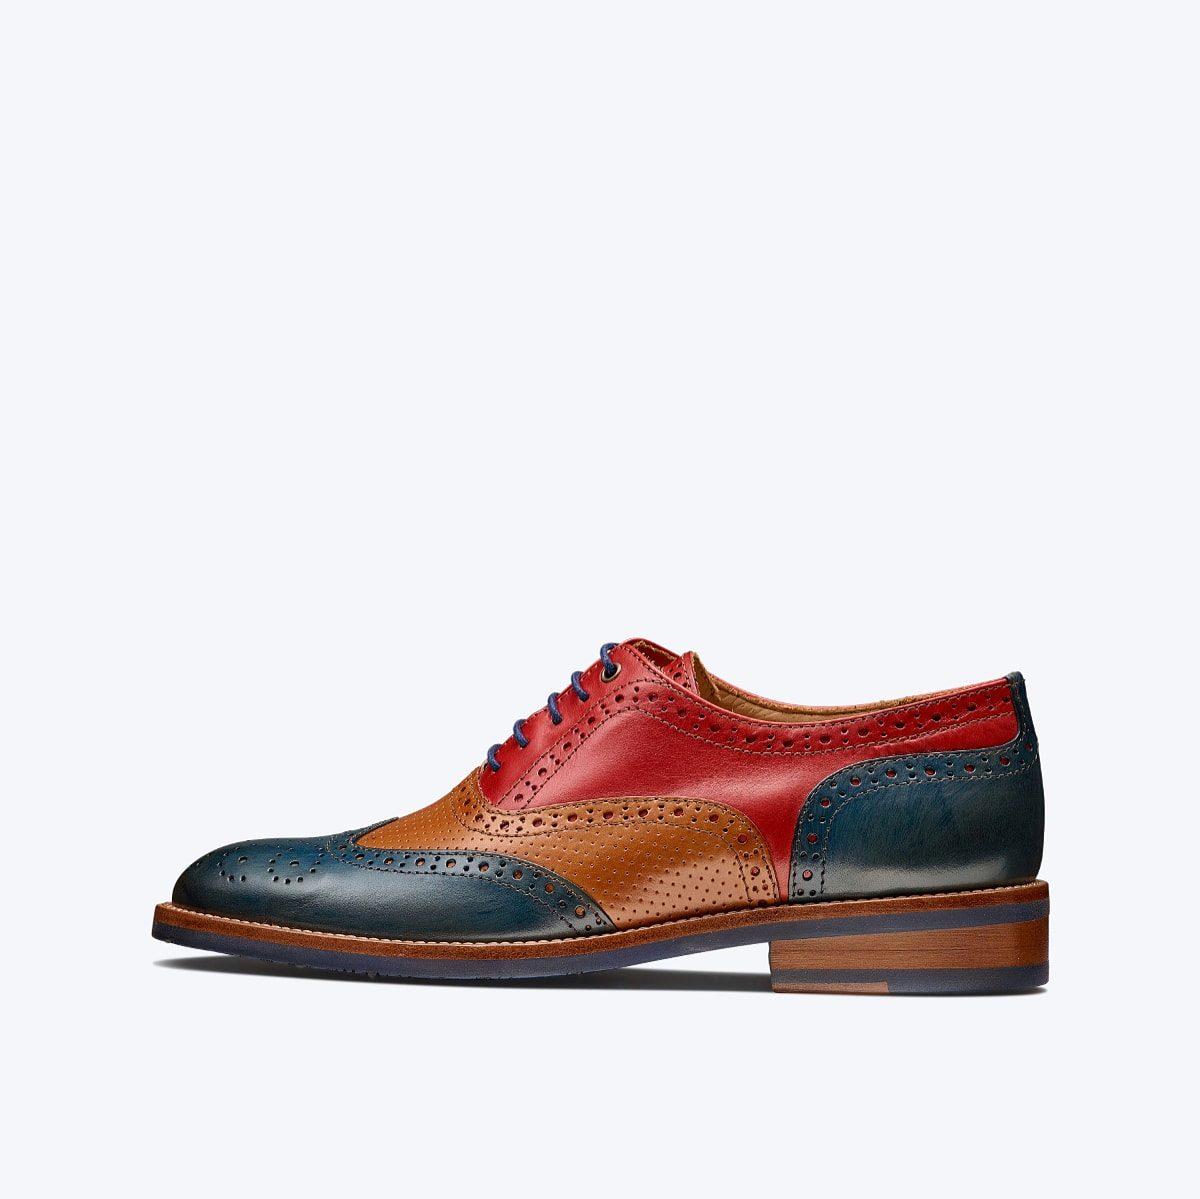 Cuir sans Chrome - Tout le cuir que nous utilisons pour nos chaussures est du cuir soit espagnol soit italien. Il est traité avec une teinture végétal au lieu de la chimique traditionnel qui contient du chrome.Vous pouvez lire plus sur notre procesus sur notre blog ici